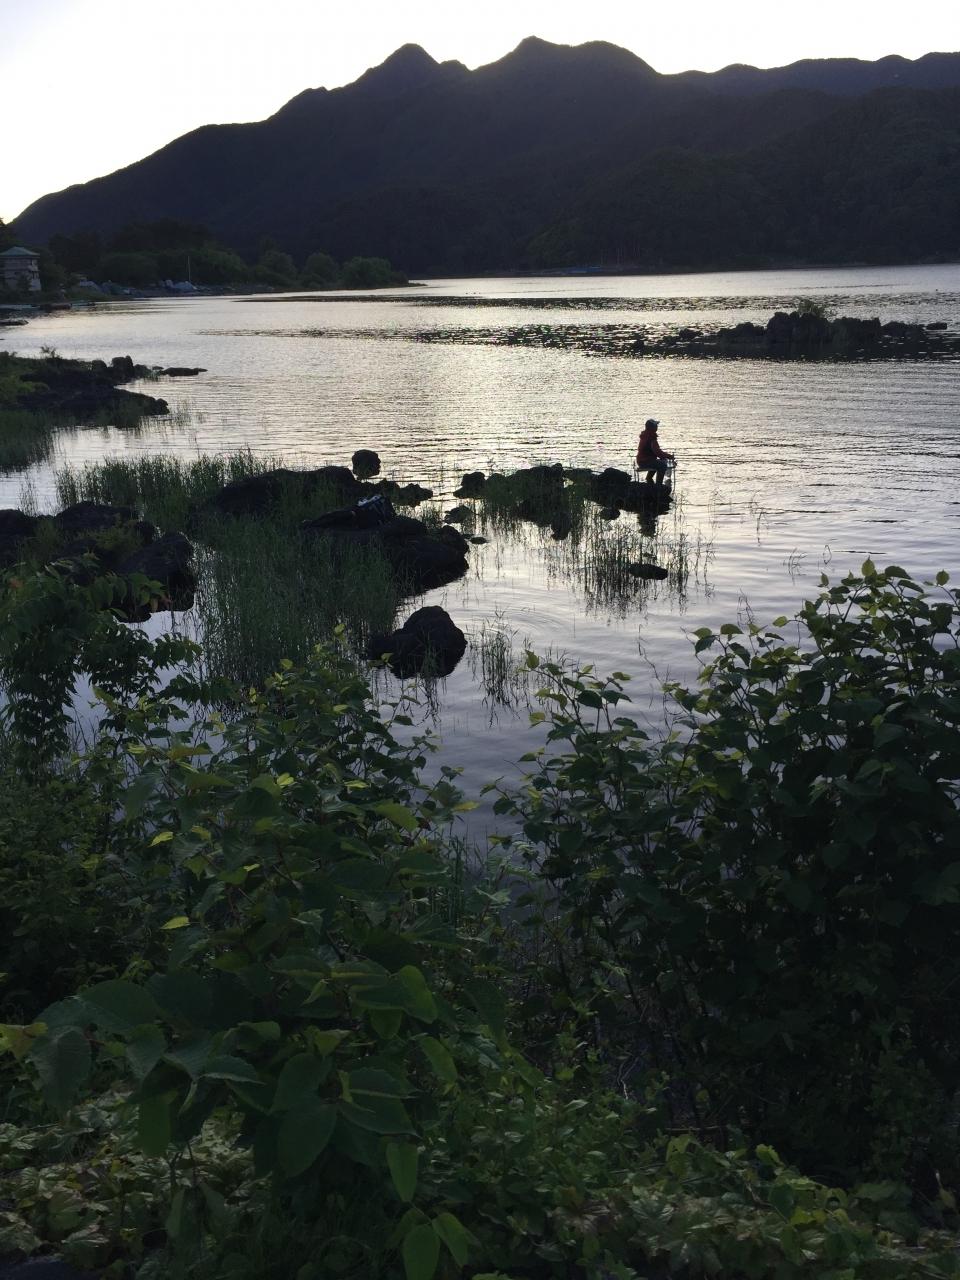 水辺におりて水遊び 釣りができます